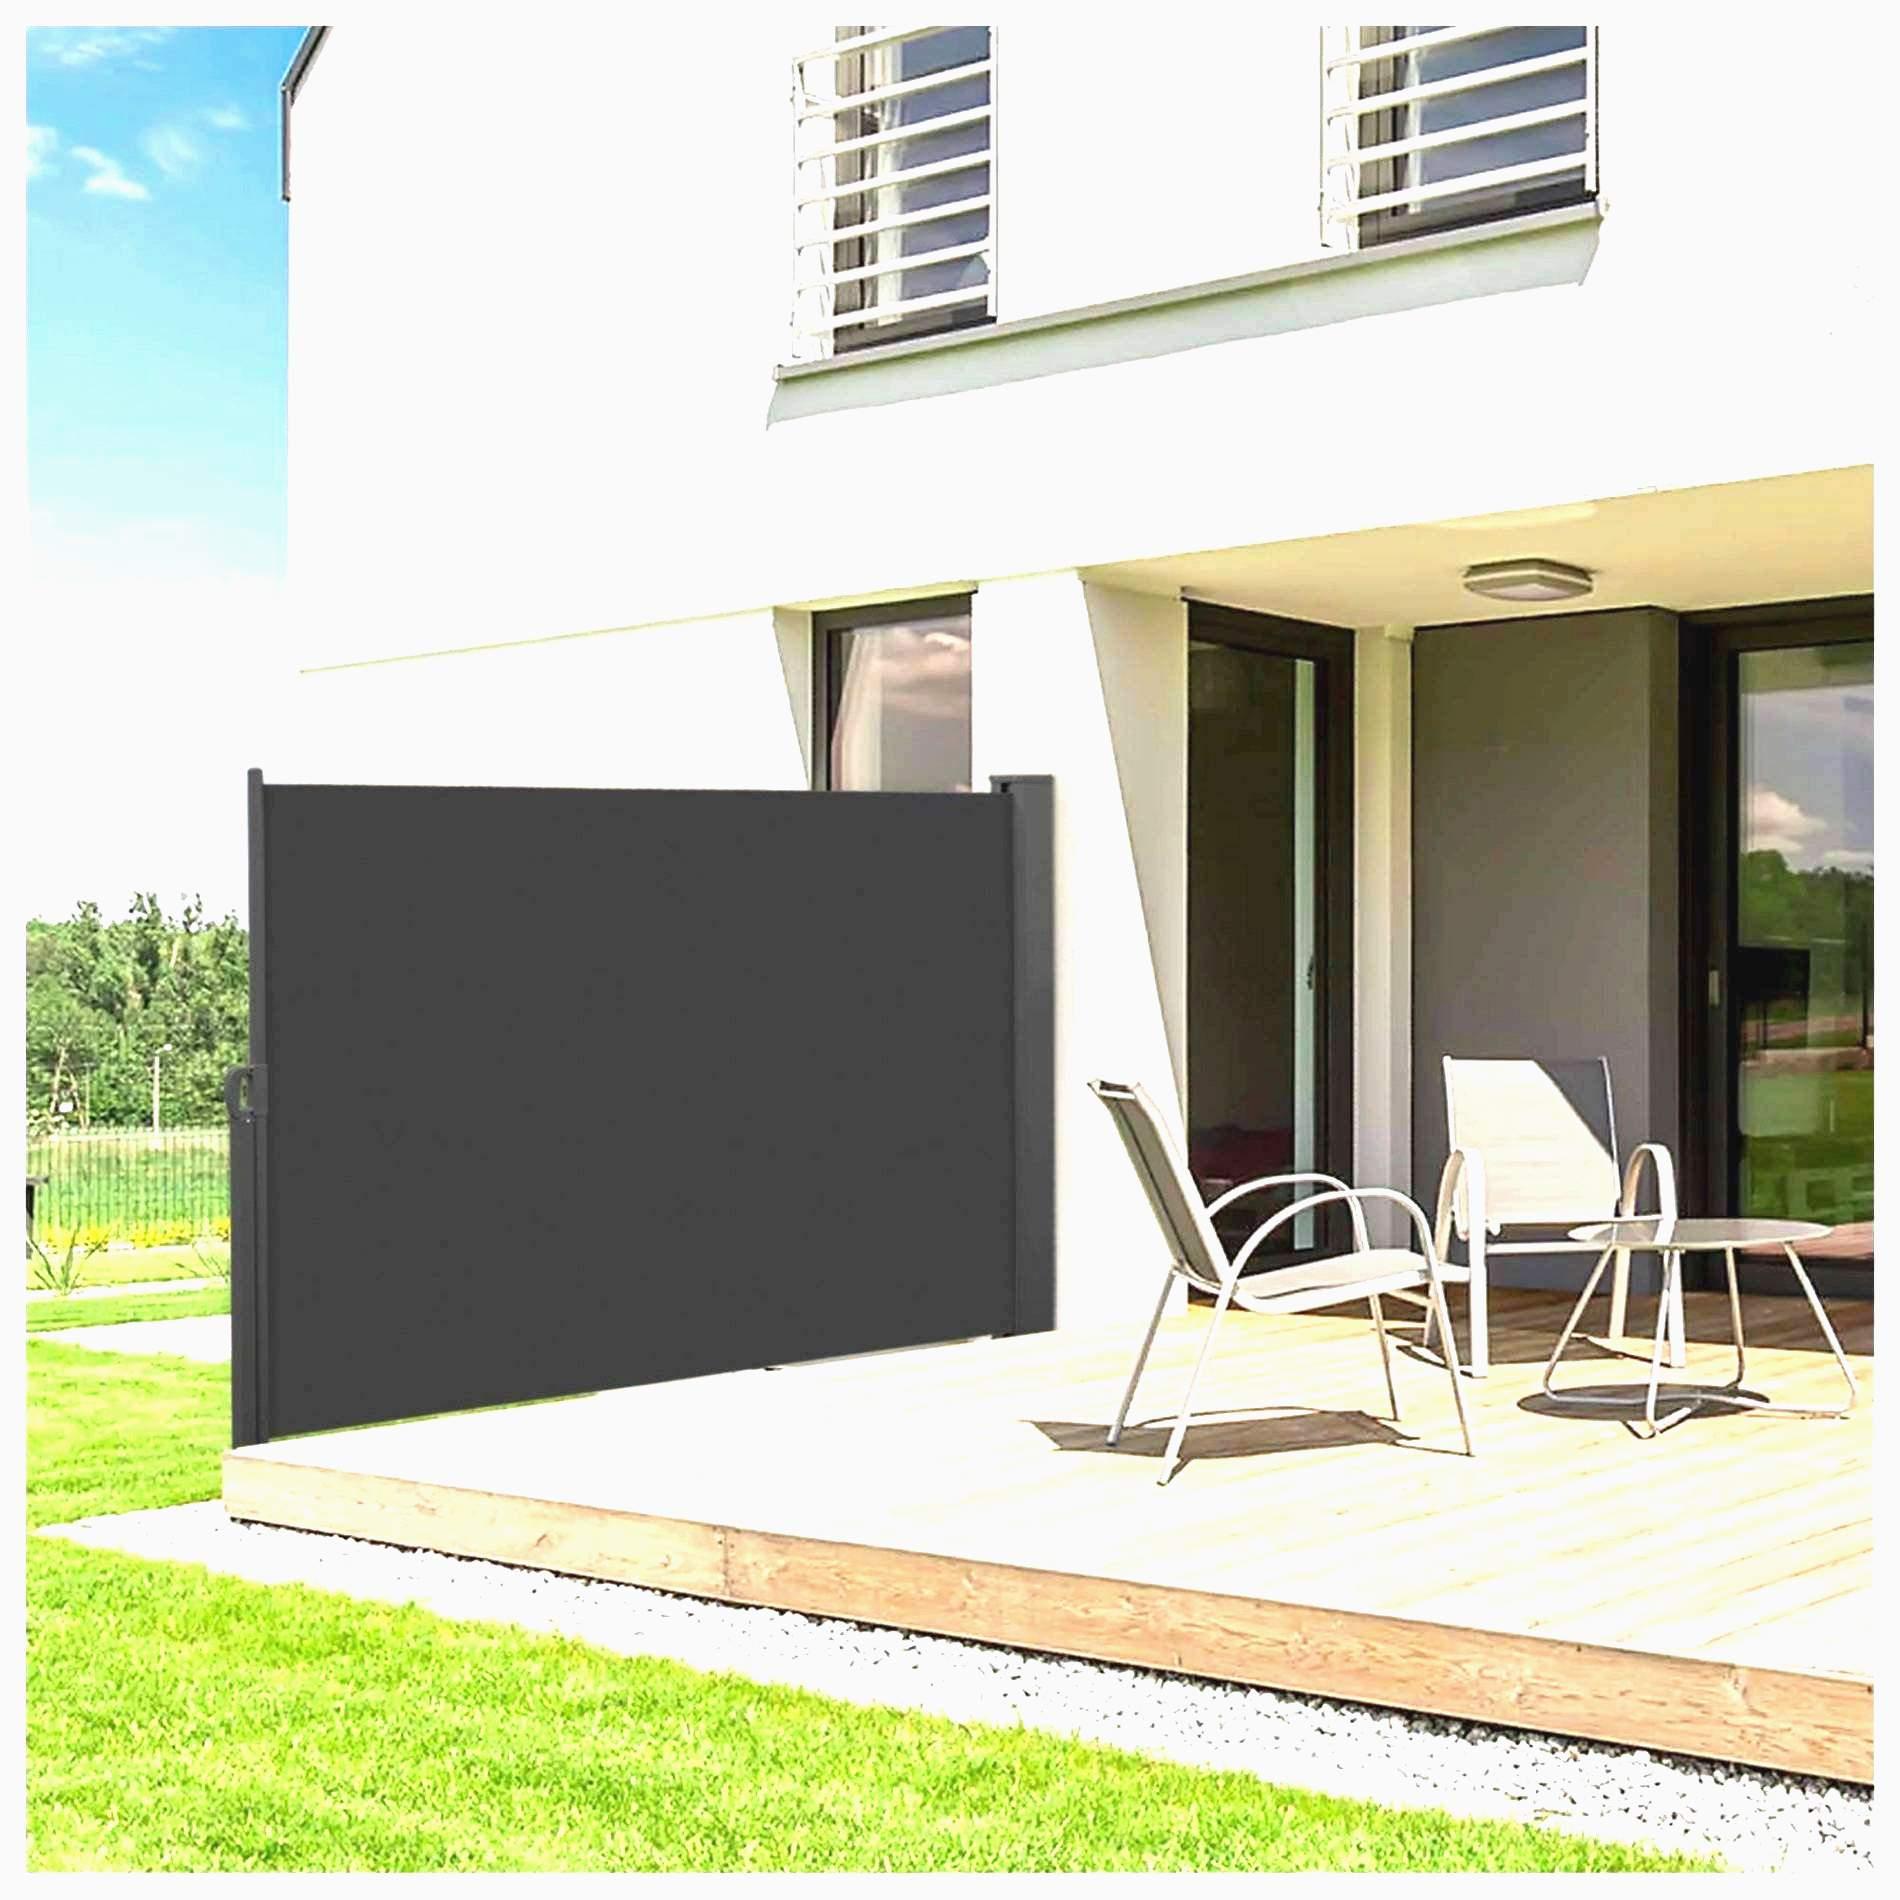 lautsprecher wohnzimmer luxus holz auf terrasse terrassengestaltung sichtschutz 0d zum of lautsprecher wohnzimmer